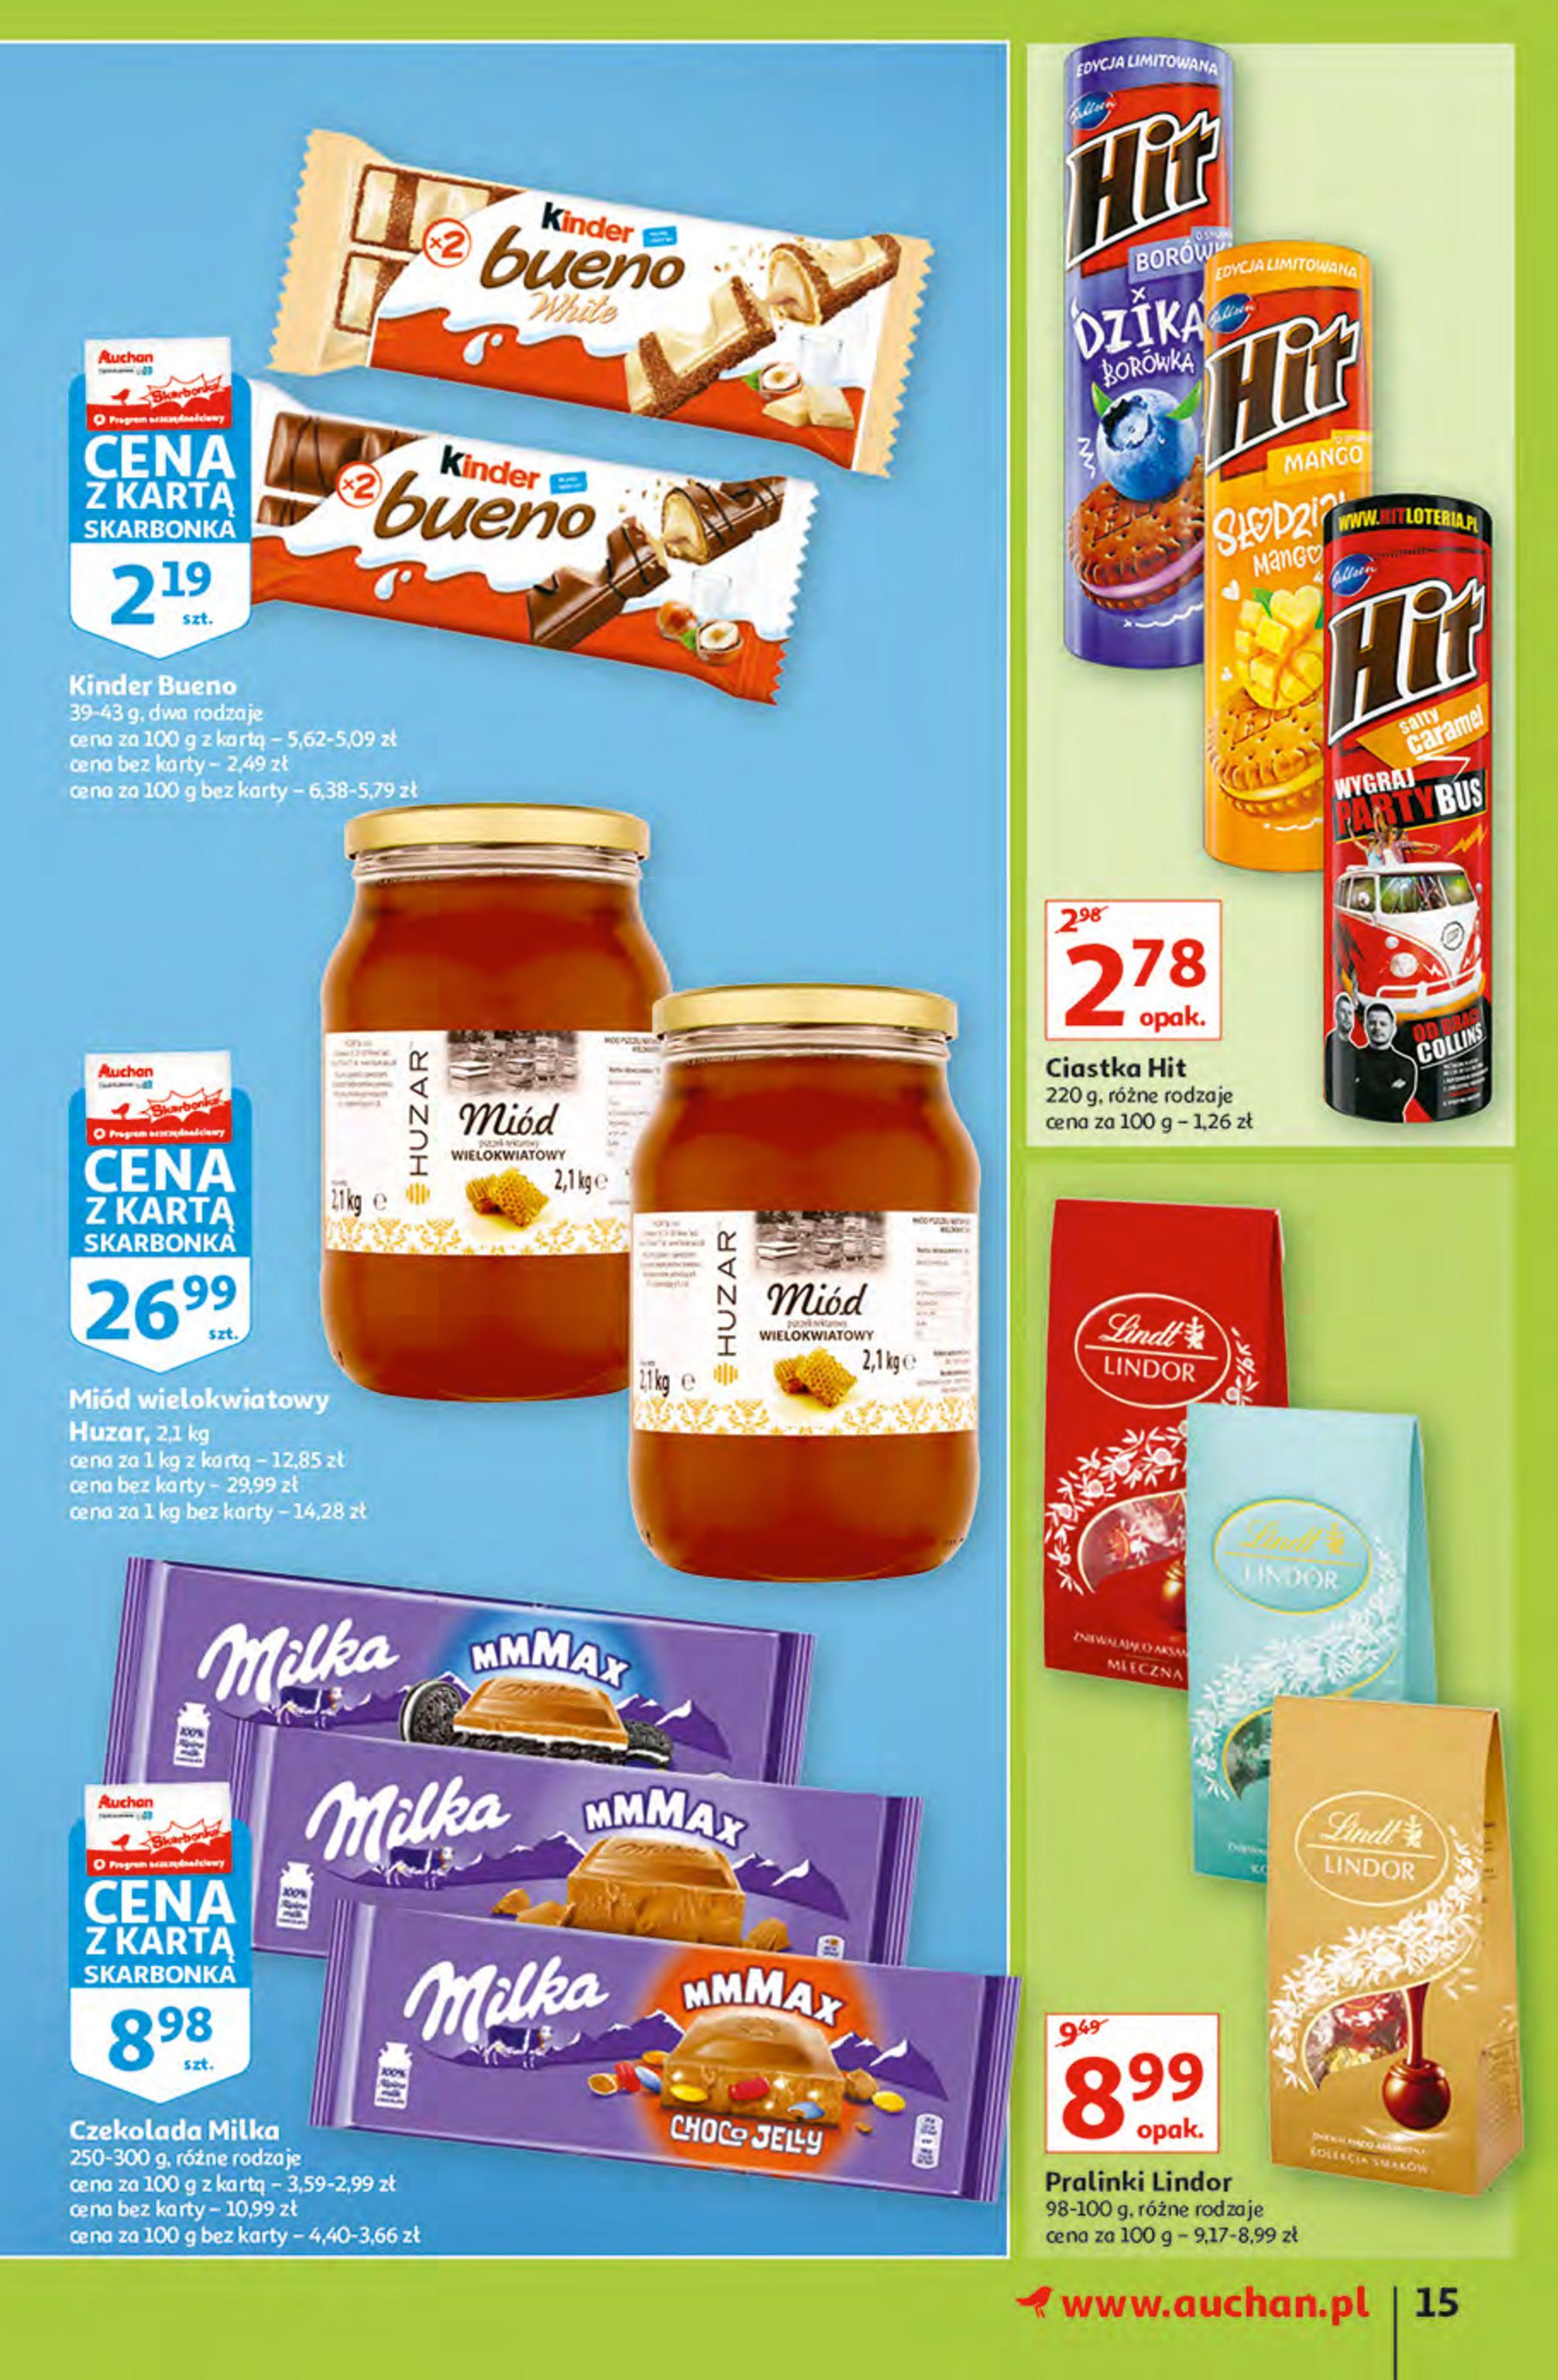 Gazetka Auchan: Gazetka Auchan - Hiperoszczędzanie z Kartą Skarbonka 2 Hipermarkety 2021-10-14 page-15